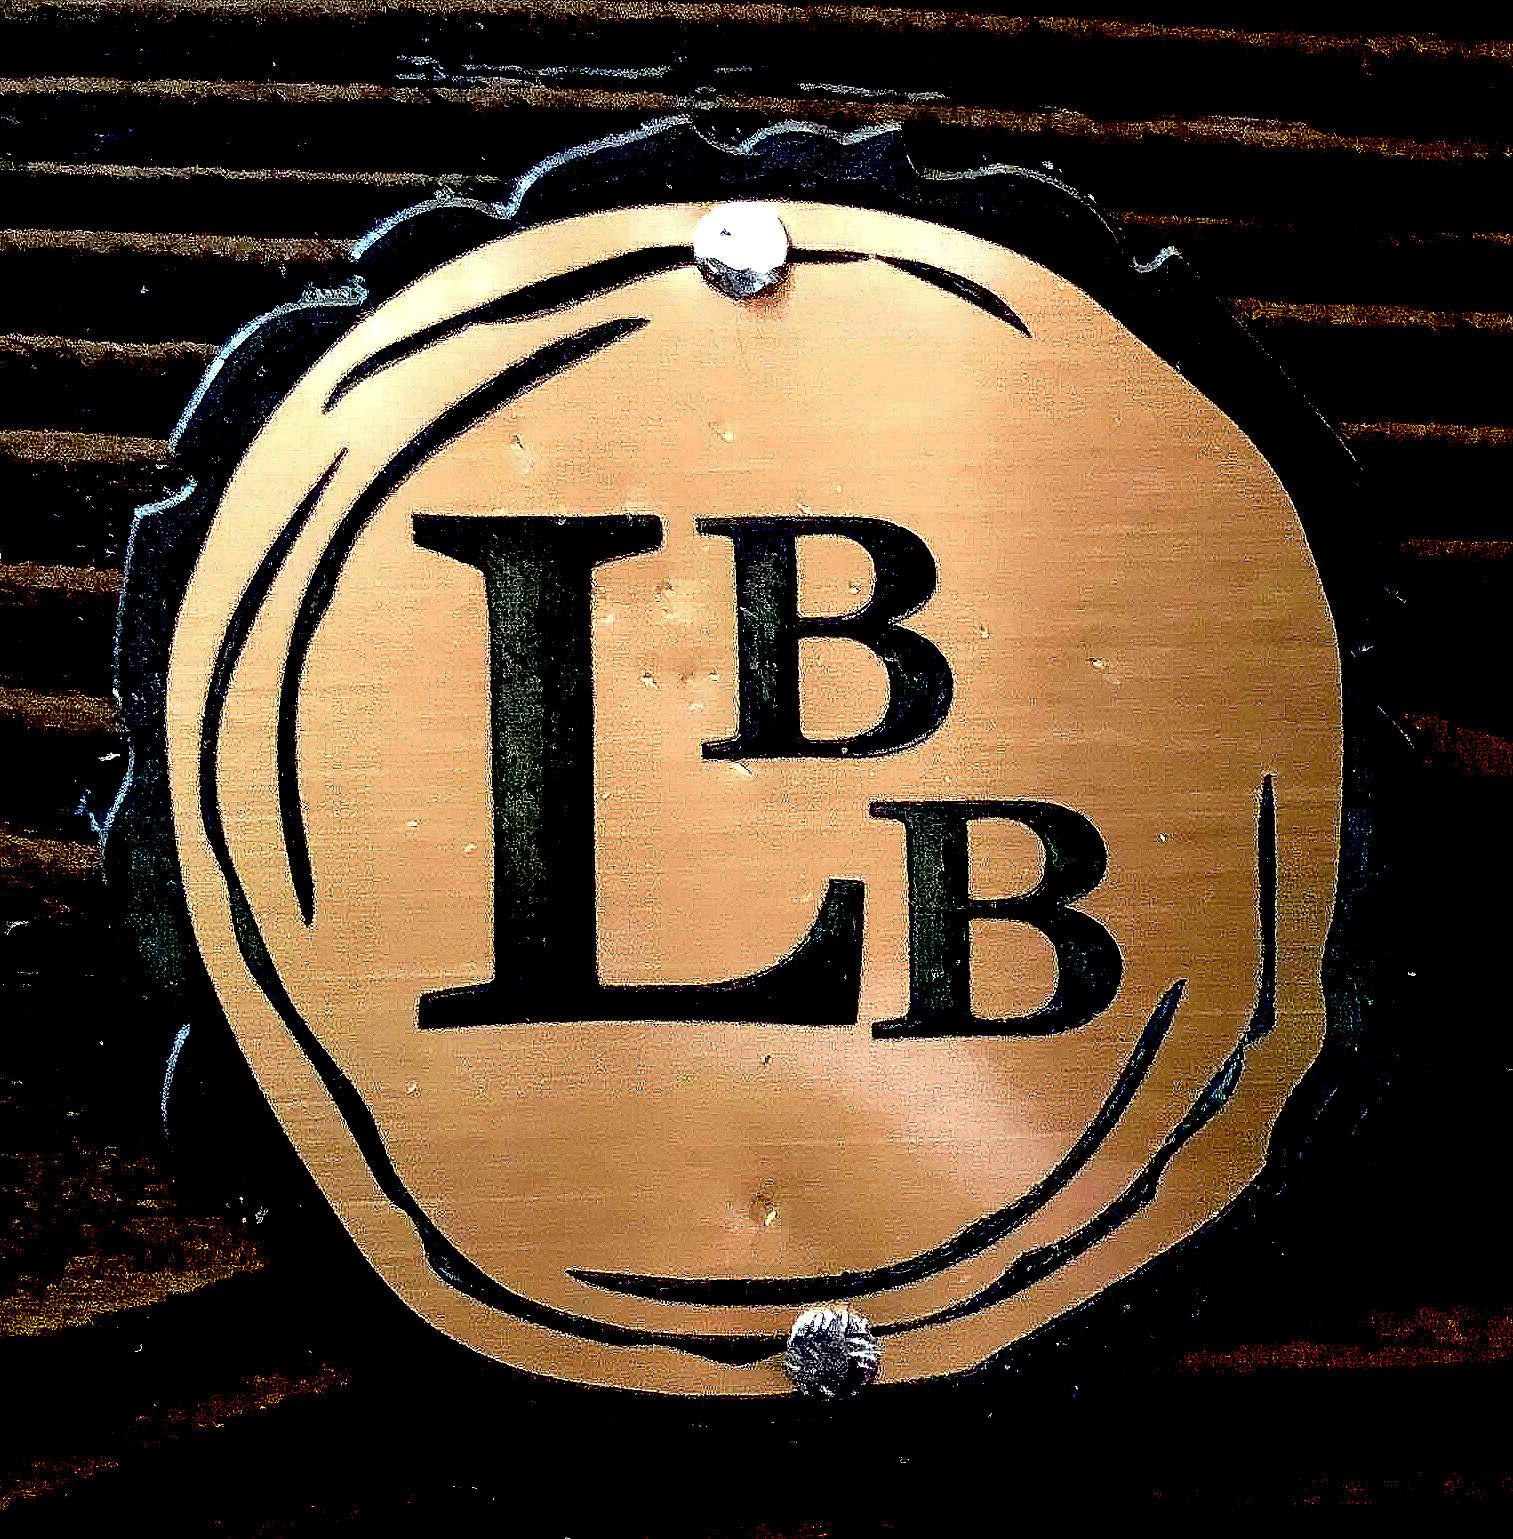 Les Bois Beaudry